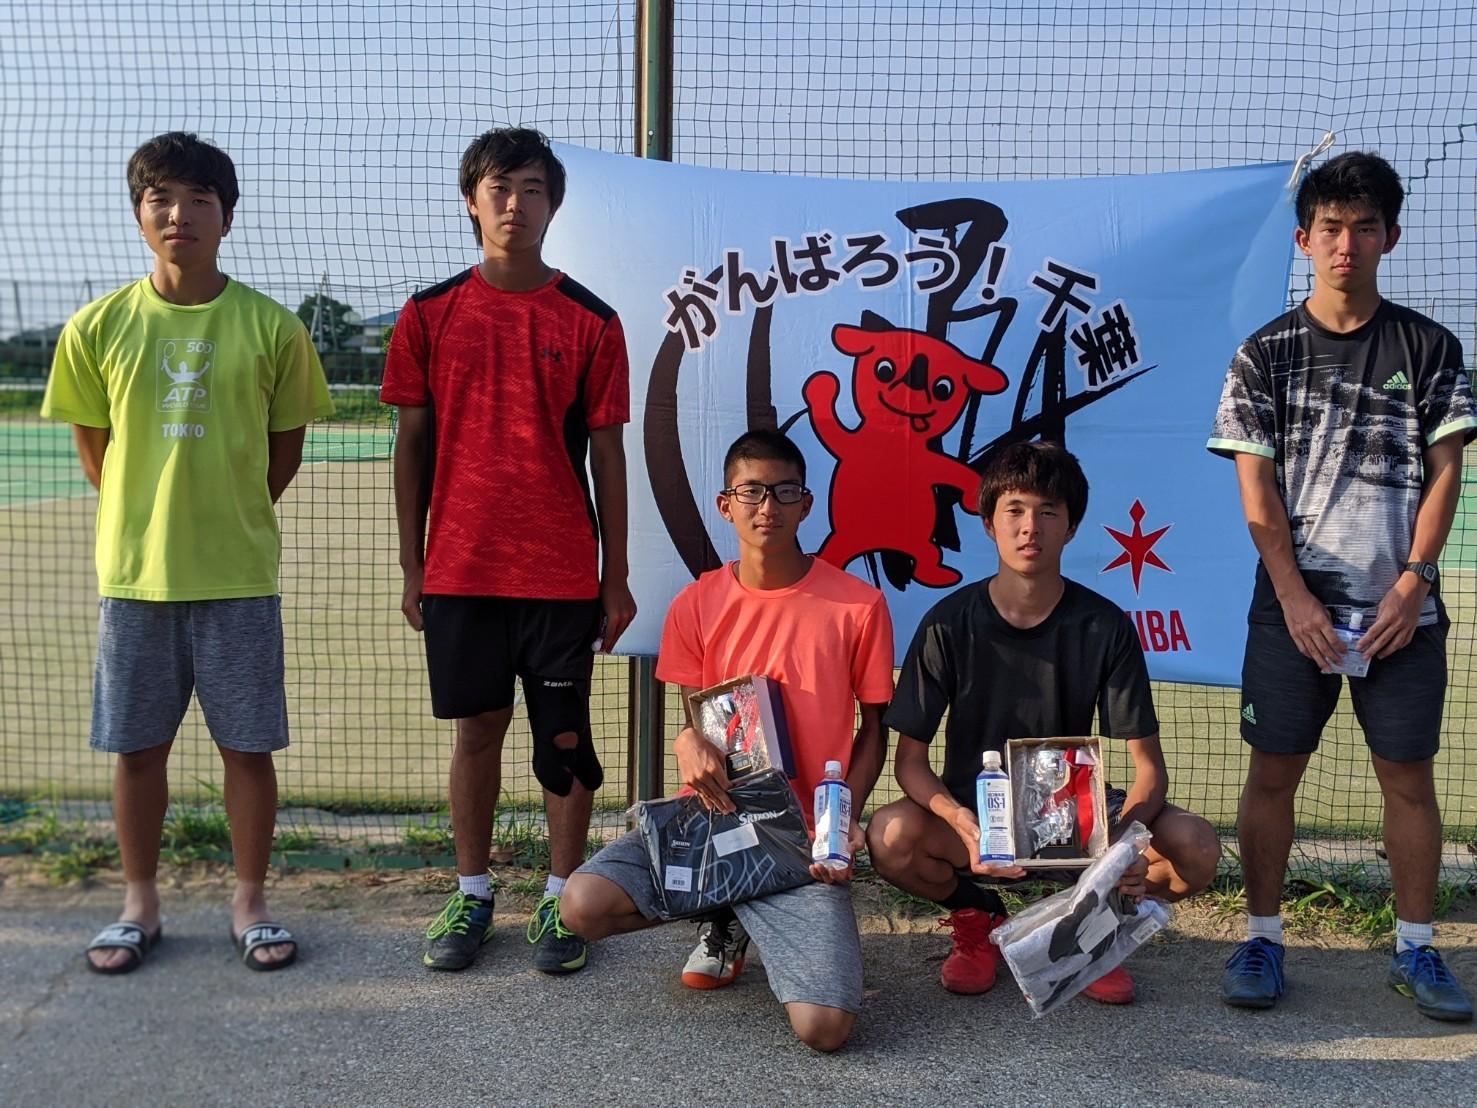 千葉ジュニアFYSカップ 本戦結果 8月16日 サニー共同コート_b0215094_21455014.jpg